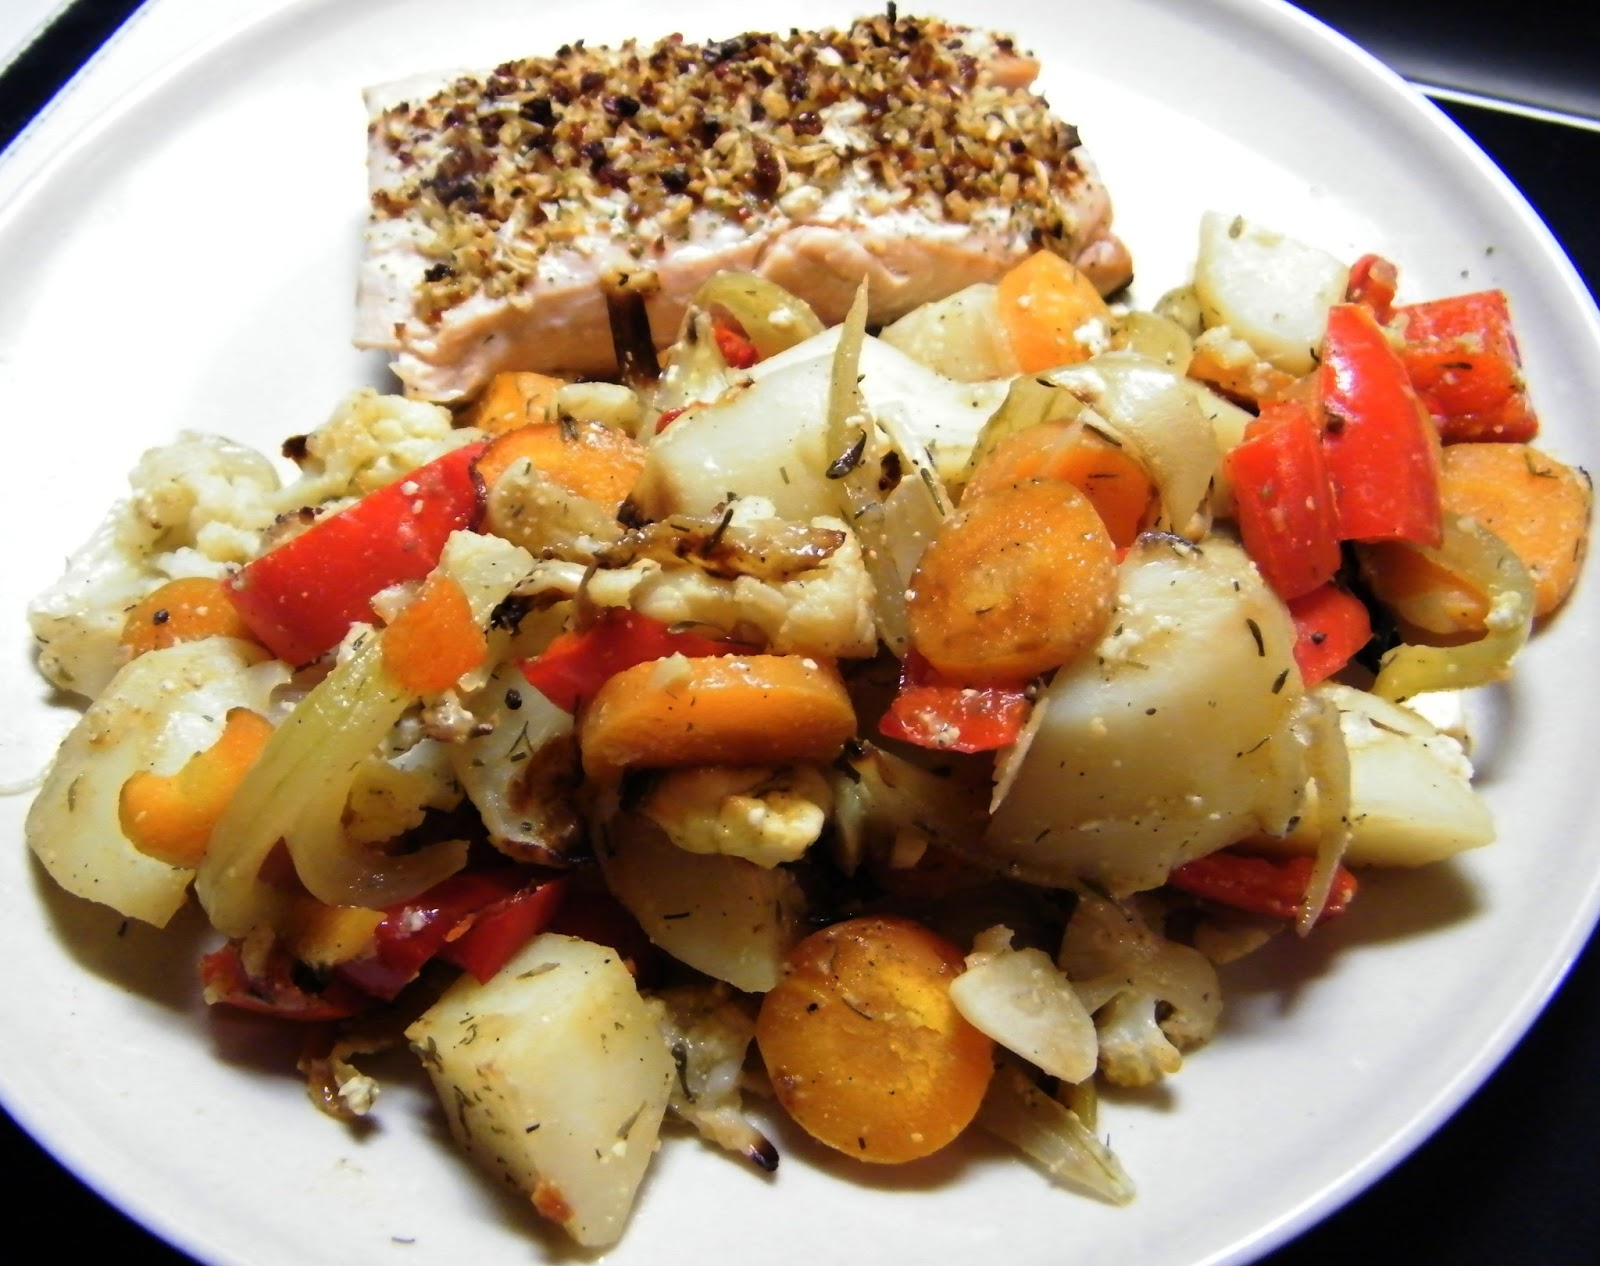 Comer rico y sano: Patatas y verduras al horno - photo#43